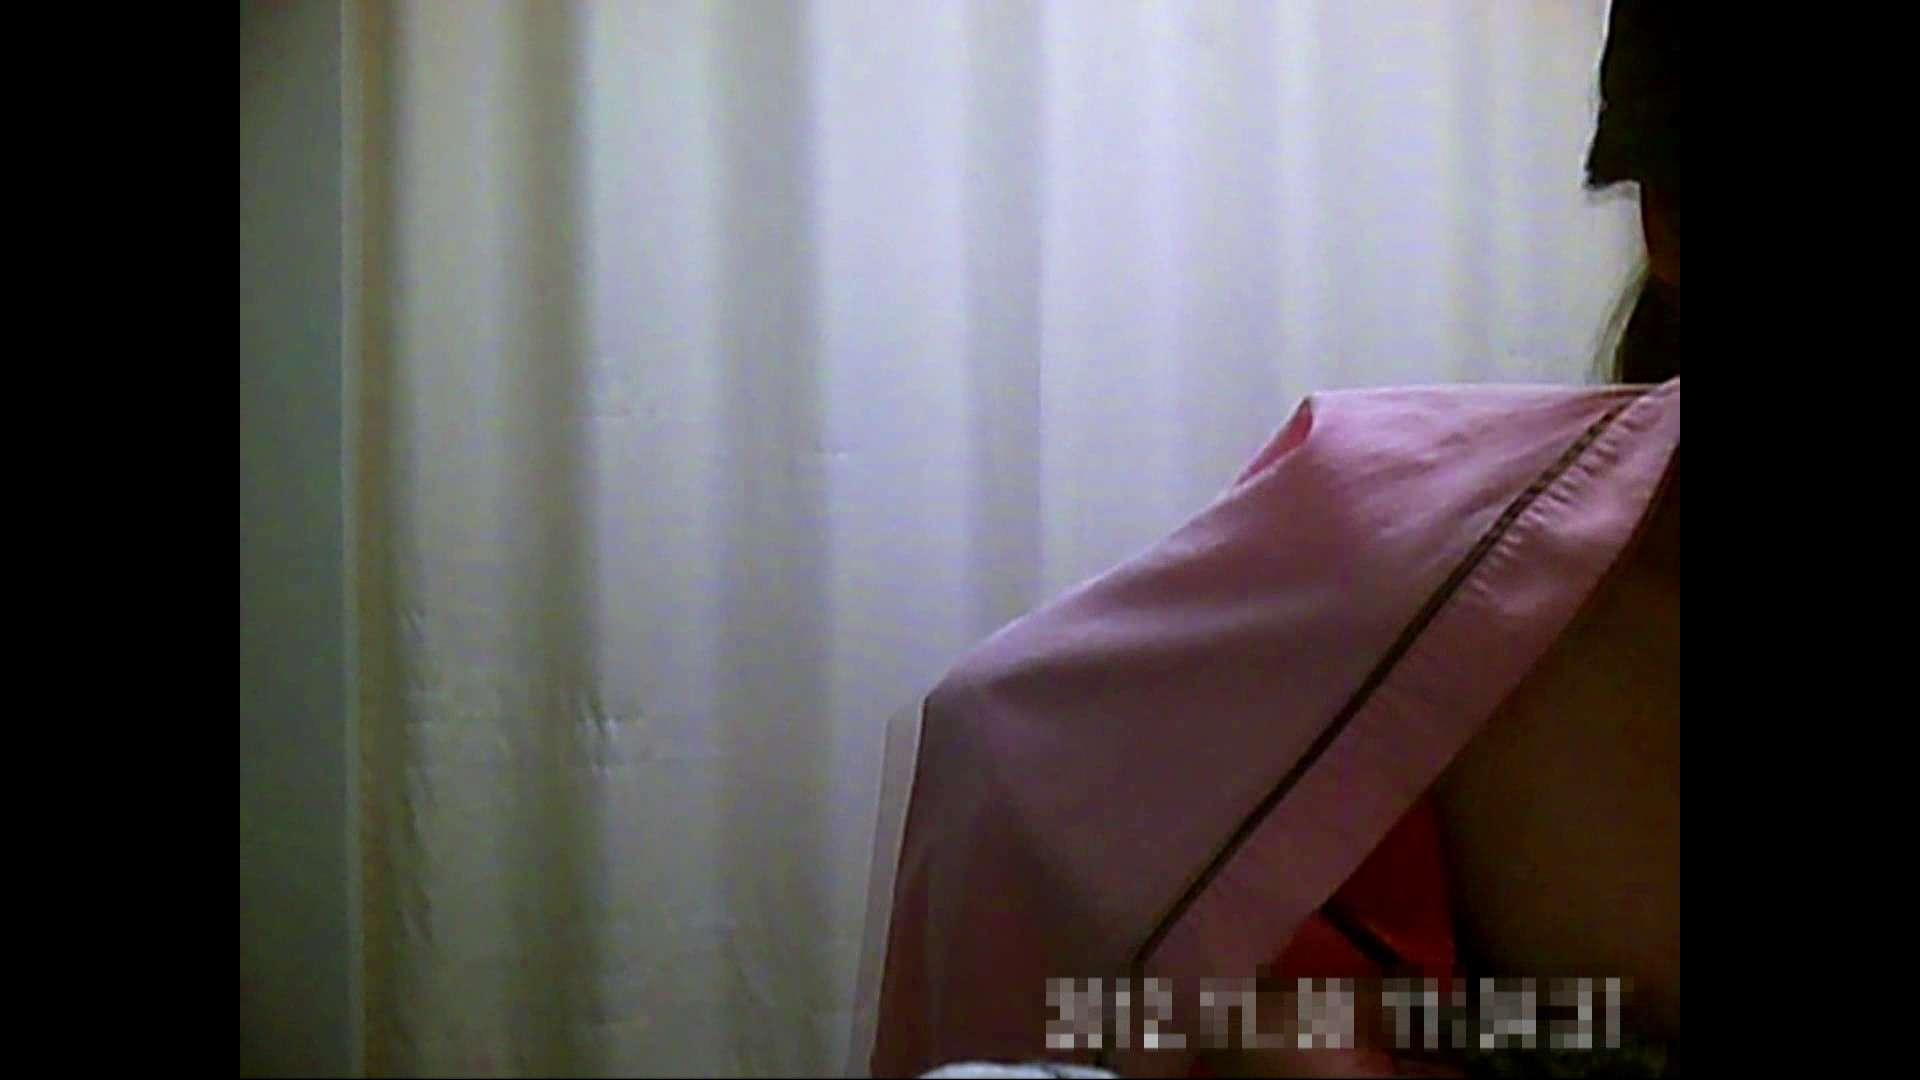 病院おもいっきり着替え! vol.165 巨乳 オメコ無修正動画無料 107PIX 61